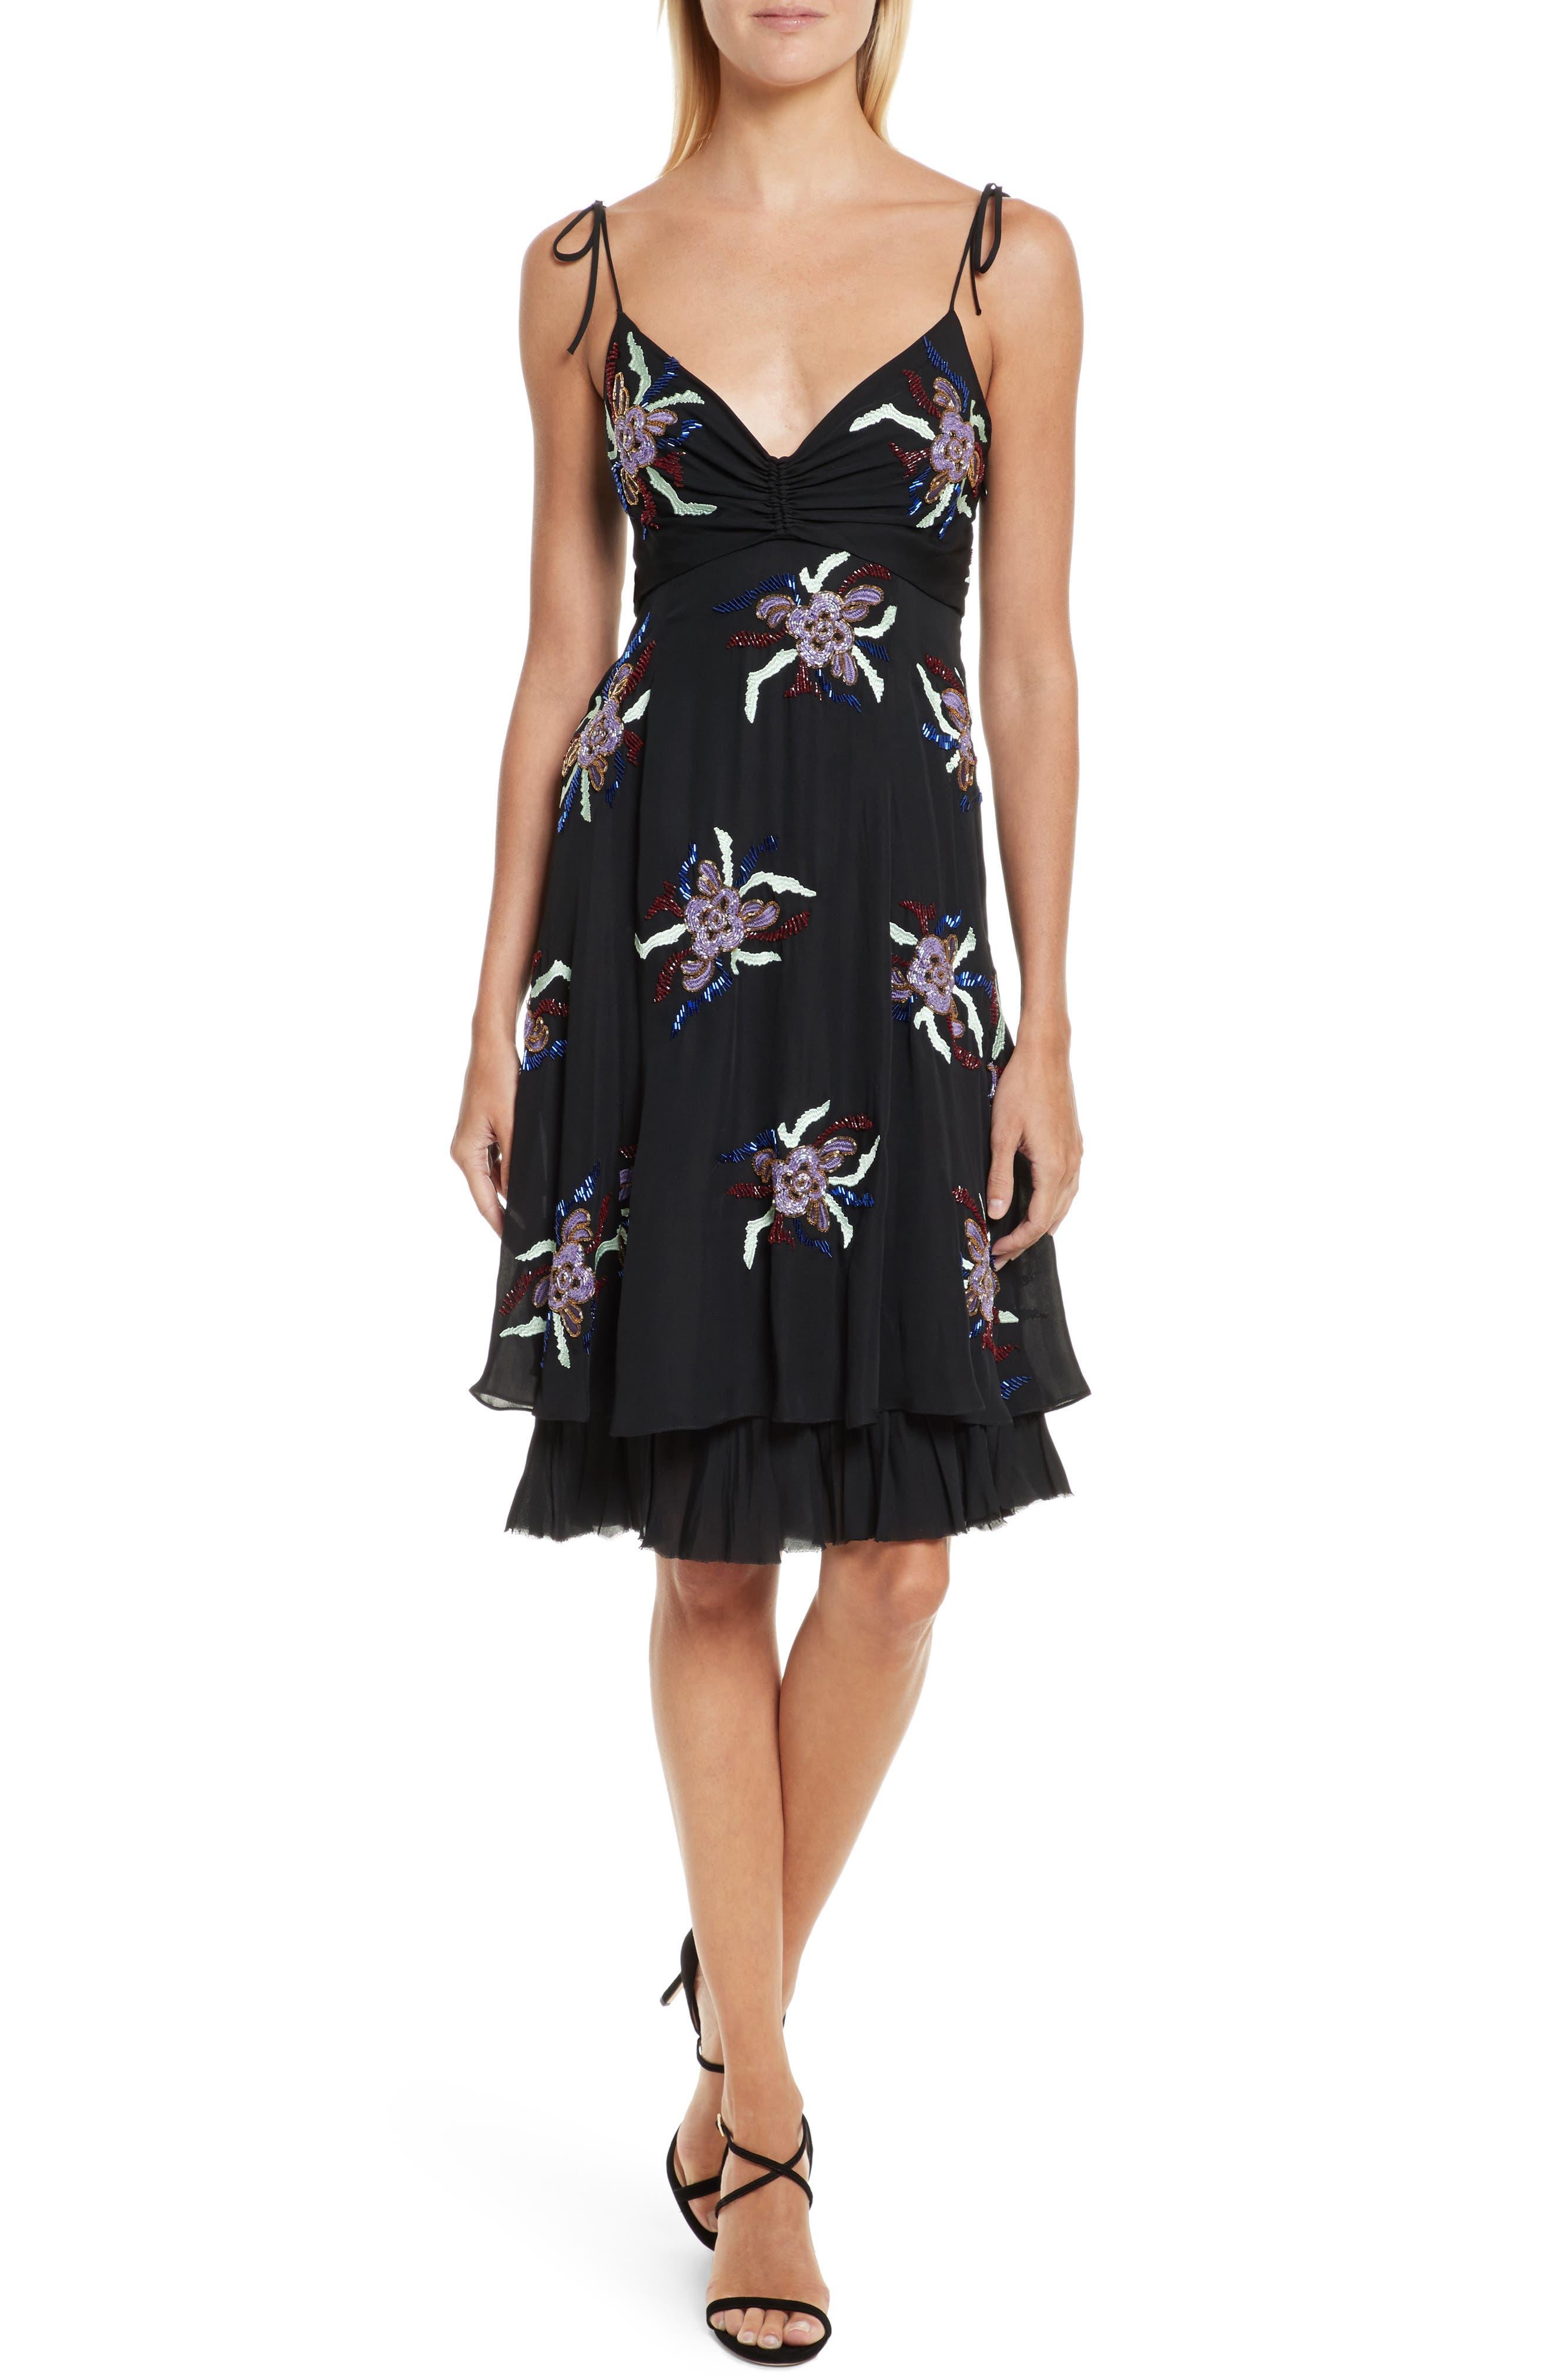 Alternate Image 1 Selected - Cinq à Sept Porsca Embellished Silk Dress